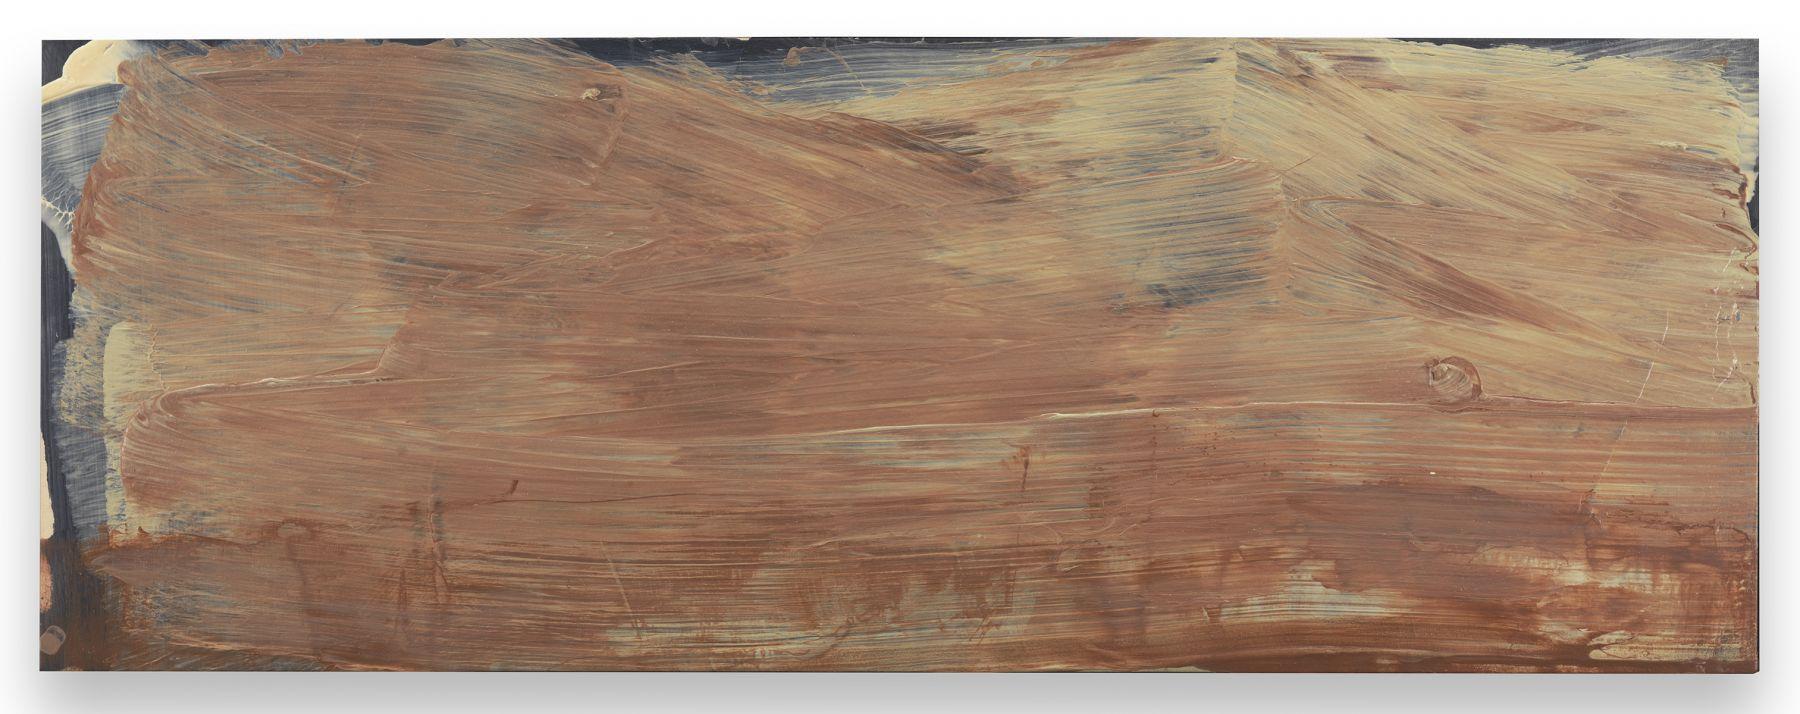 Hyksos Factor-Four, 1975, Acrylic on canvas